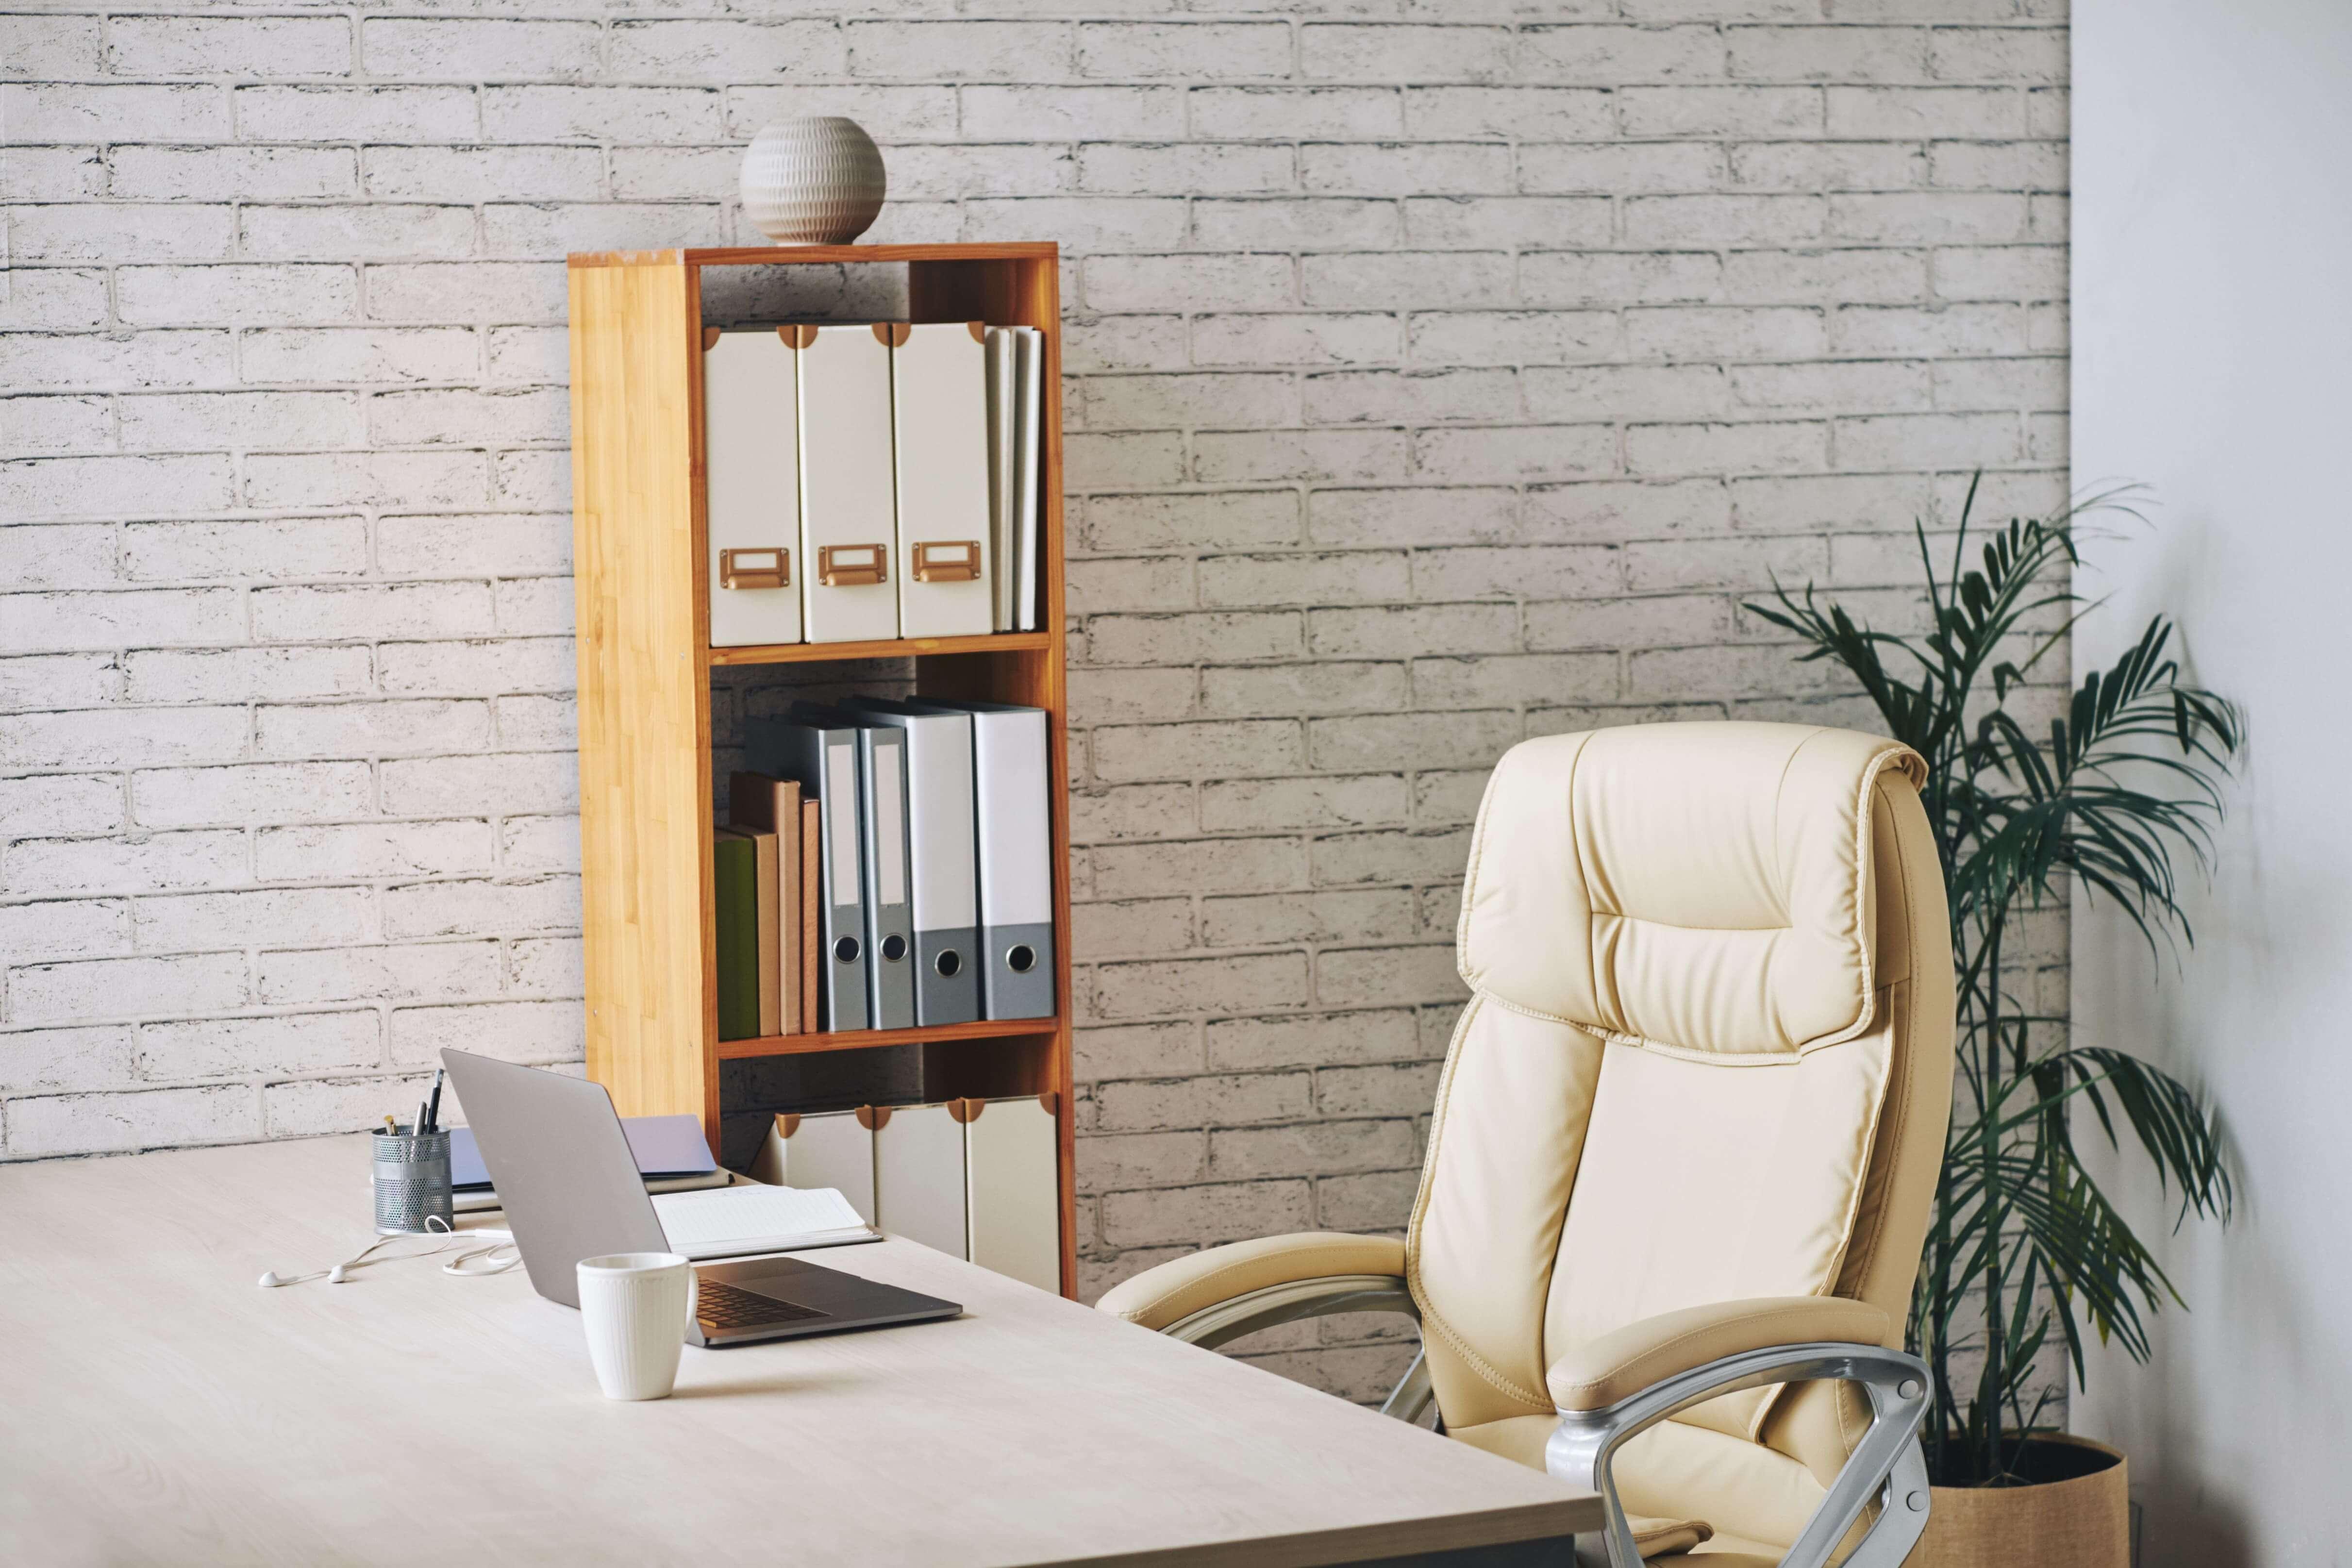 ofis sandalyesi nasıl olmalı